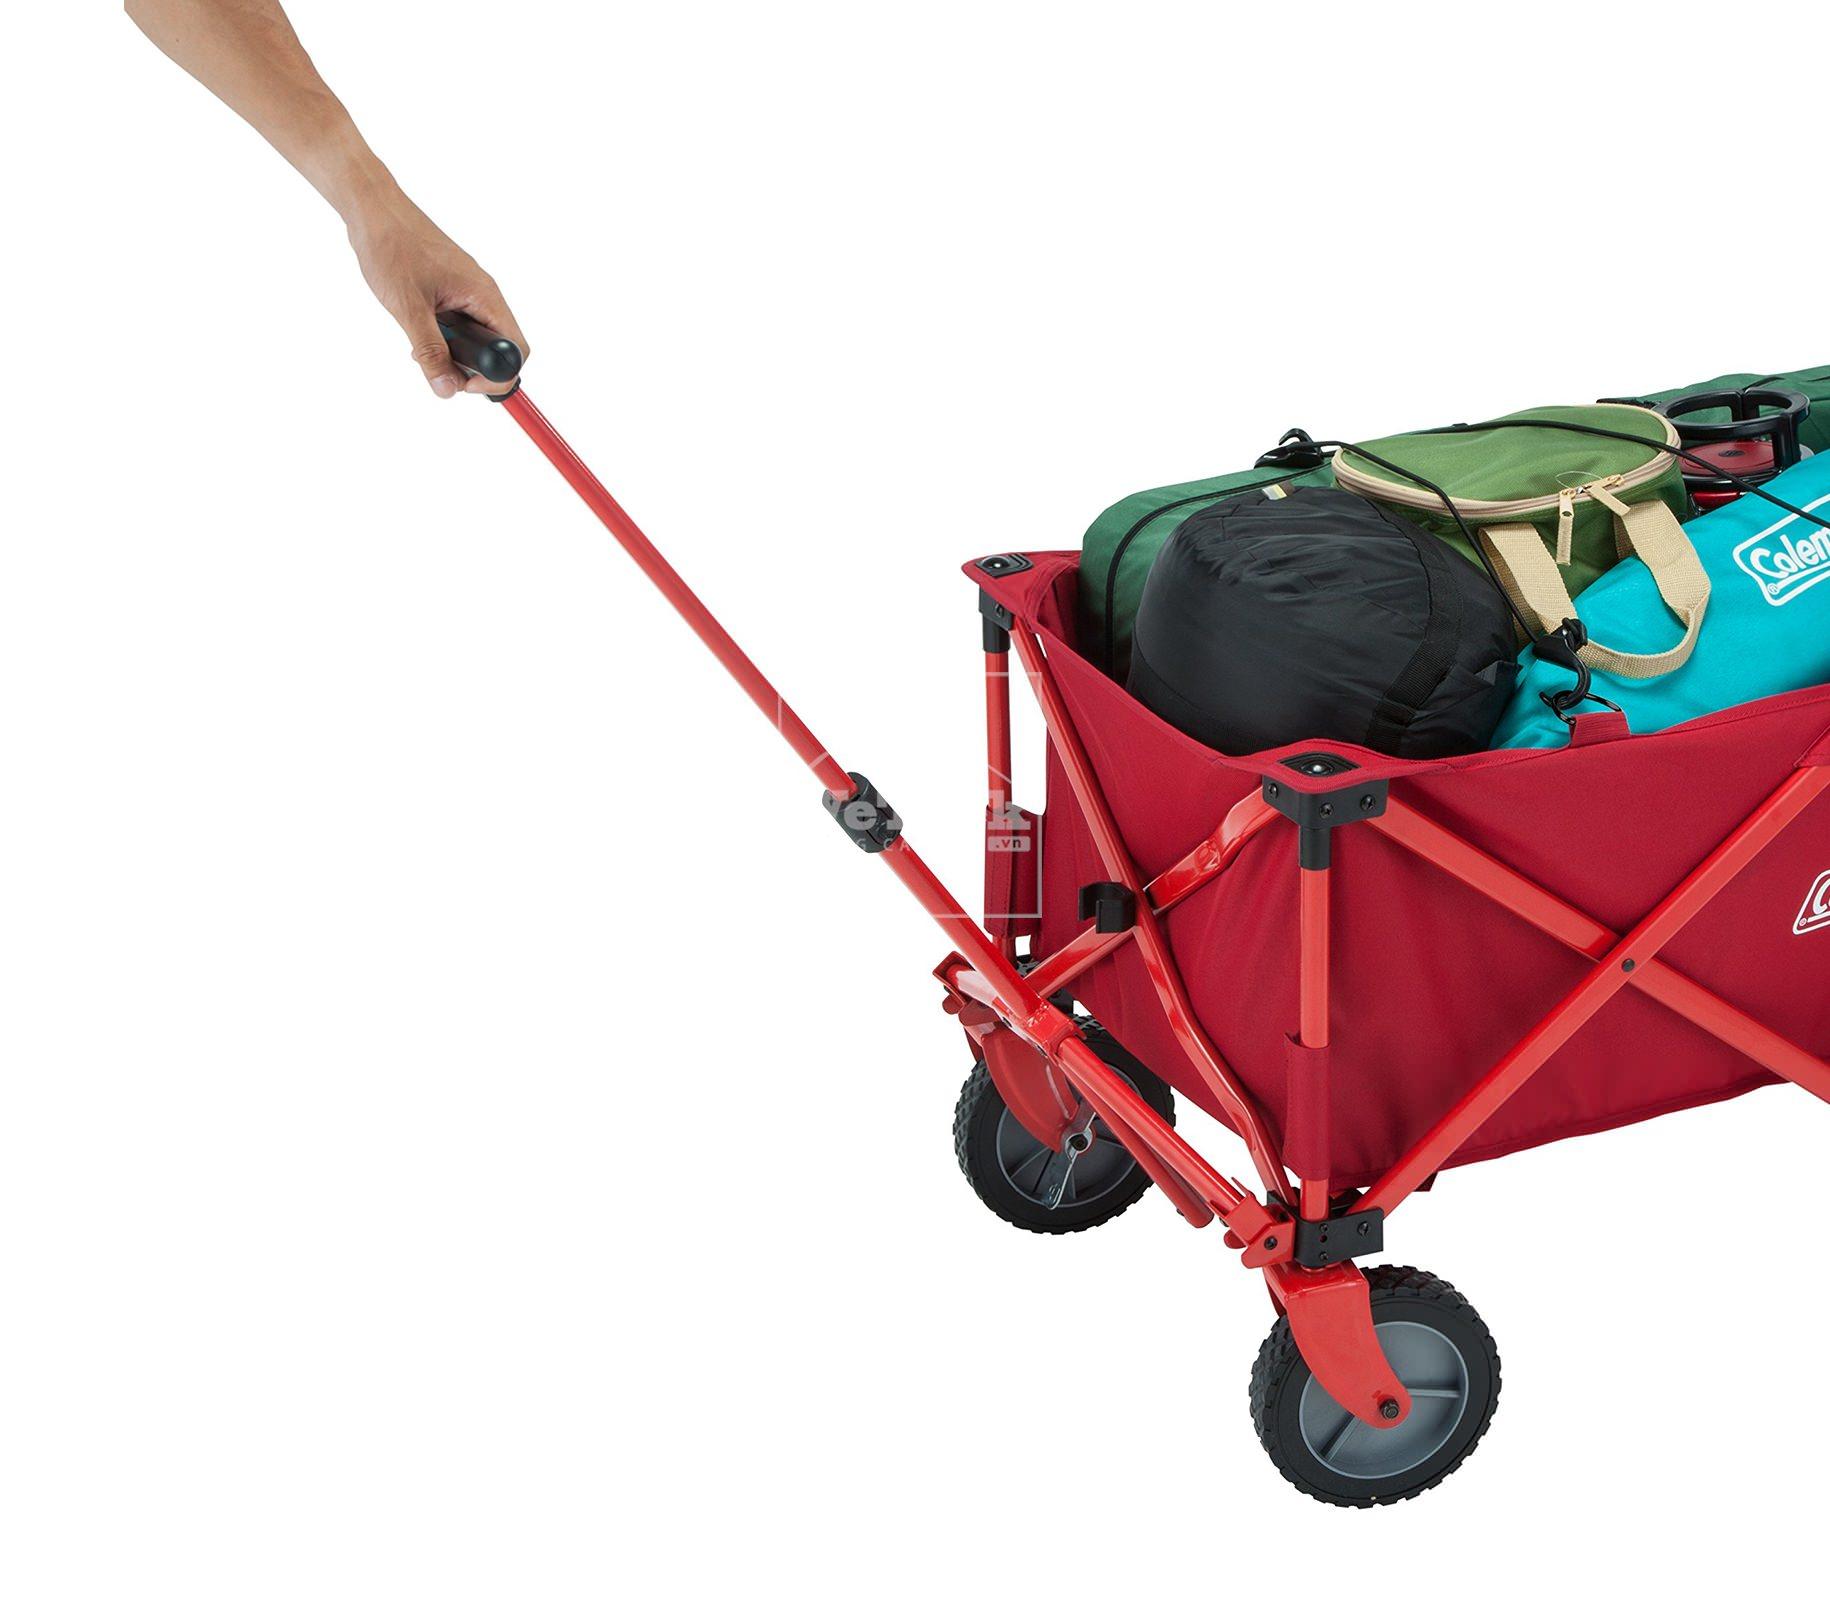 xe-keo-coleman-outdoor-wagon-2000021989-red-7469-wetrek.vn-1